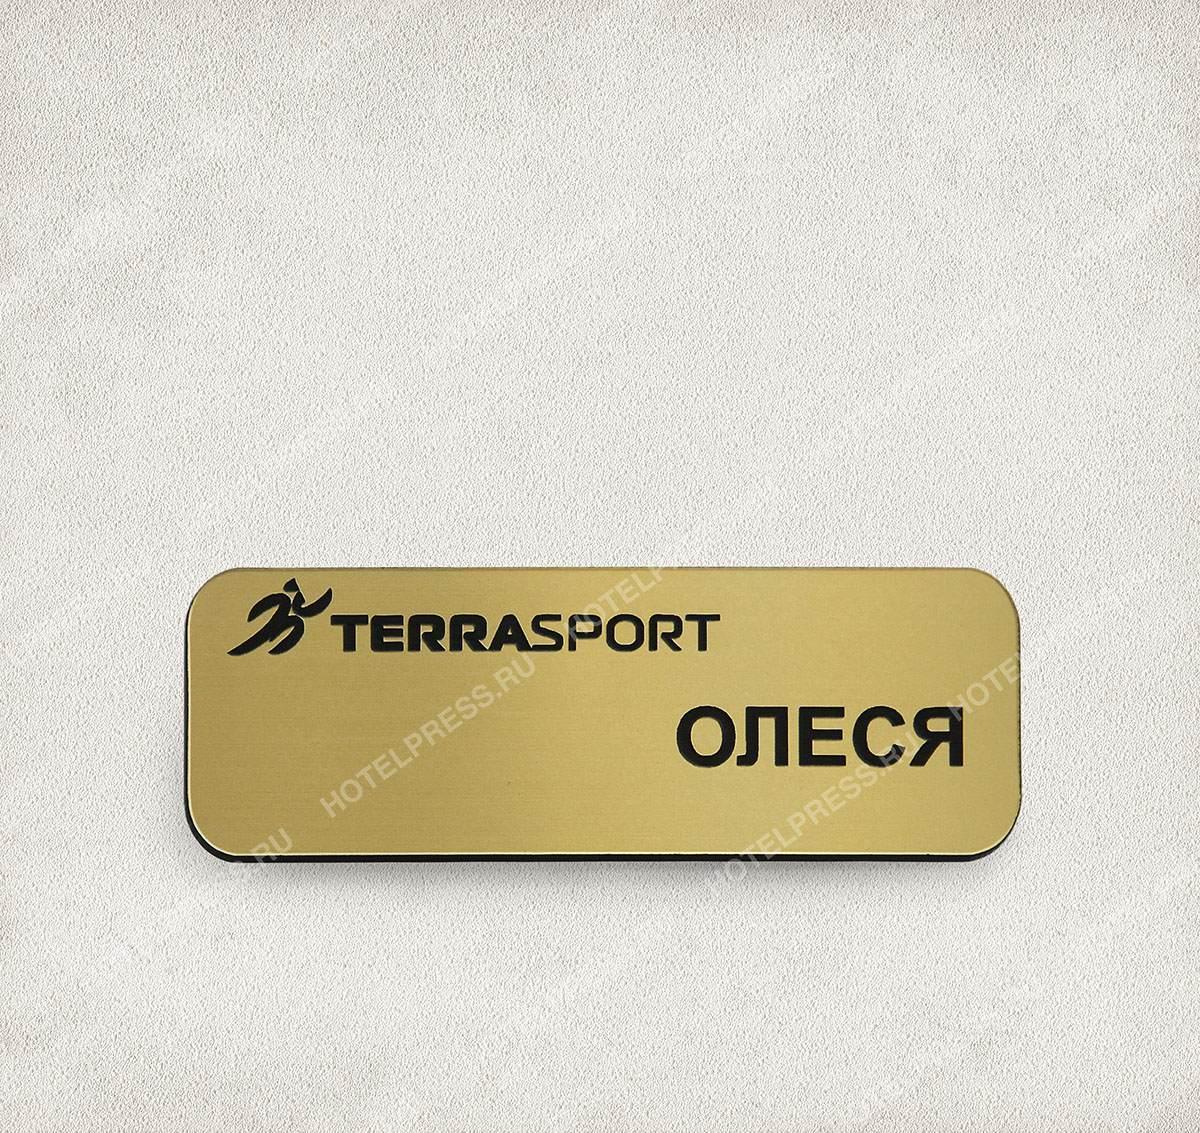 Именной бейдж на магните компании «TERRASPORT Коперник»